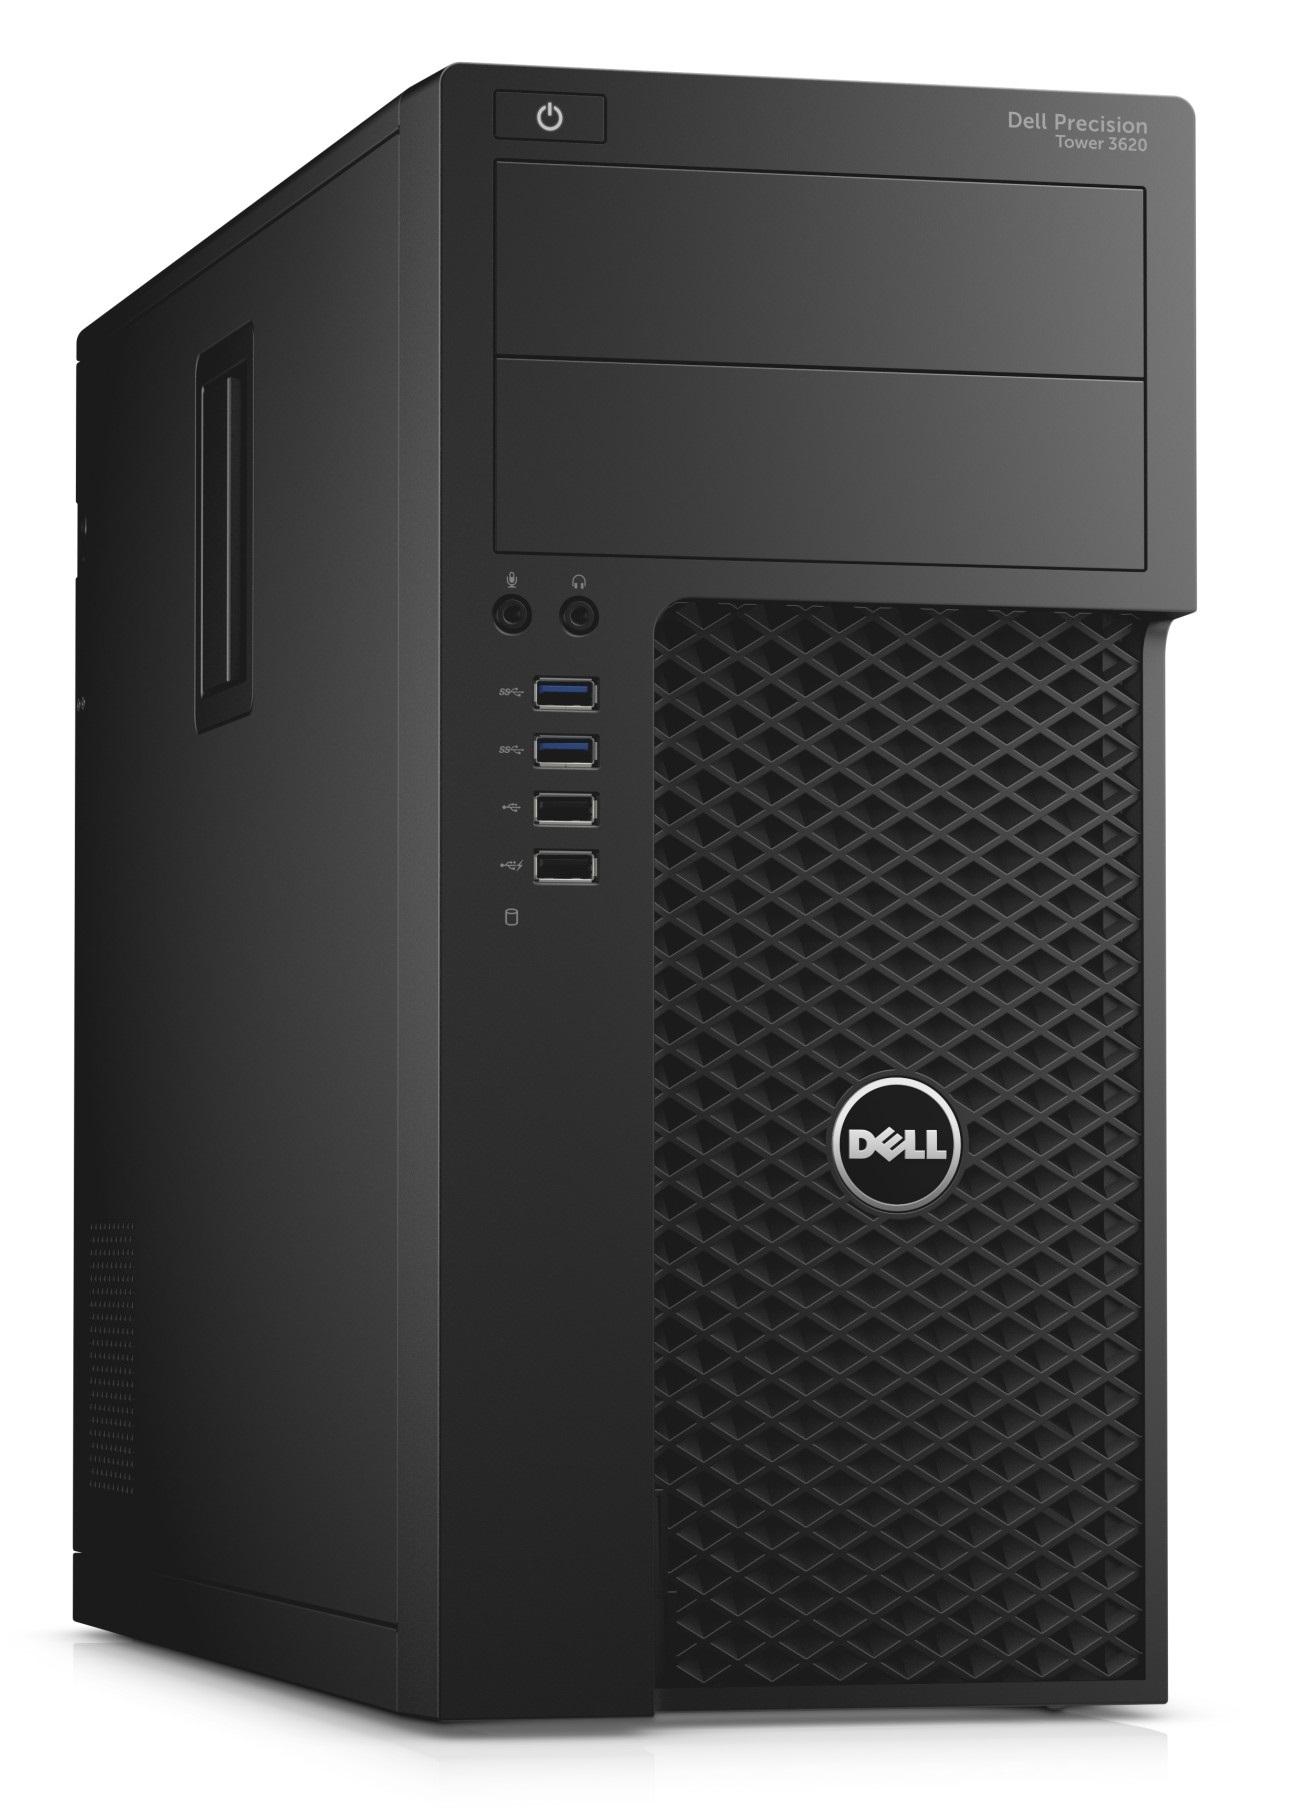 DELL Precision T3620 Xeon E3-1240 v5/16GB/256 SSD/5GB Quadro P2000/DVD-RW/Win 7 + Win 10 Pro 64bit/3Yr PS NBD